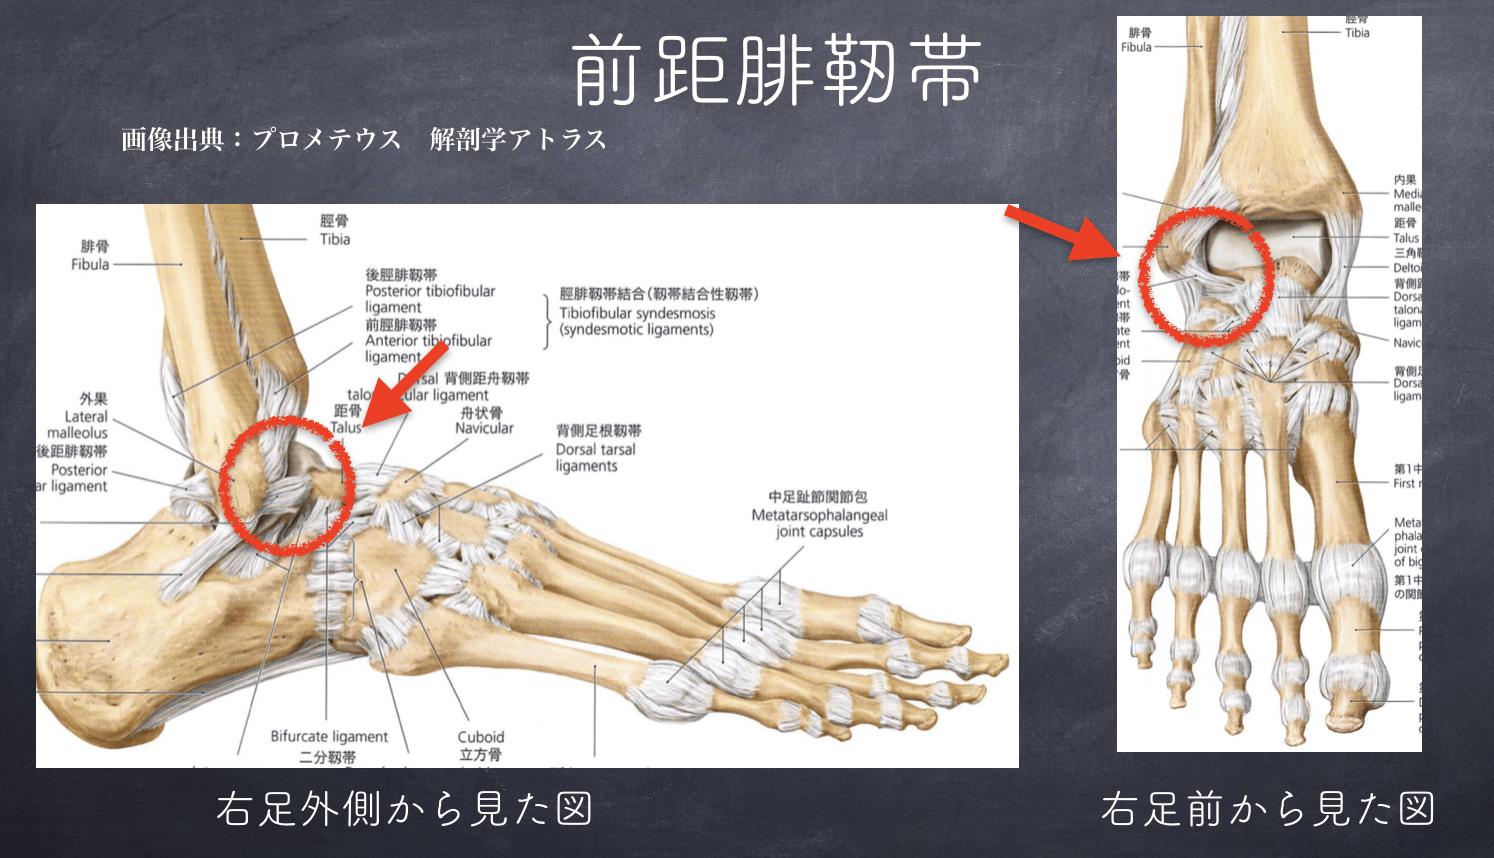 知ってて損なし!「足首ねんざ」の基礎知識